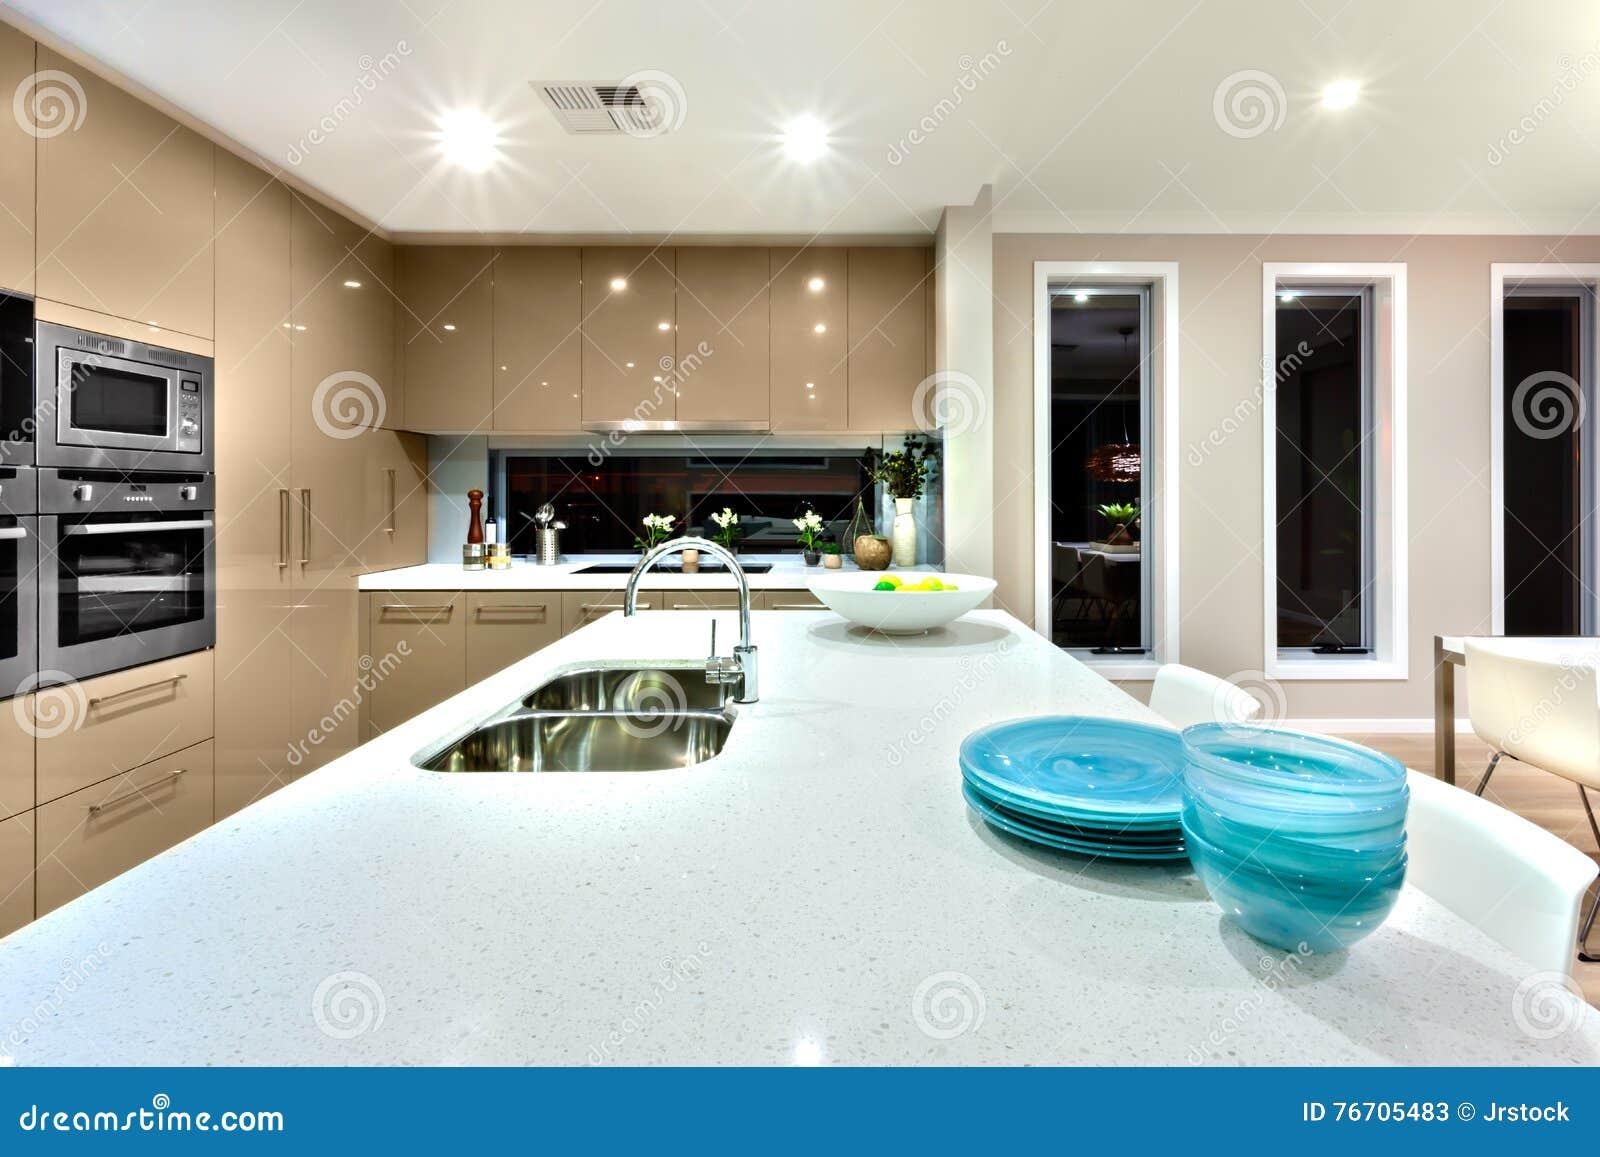 Ceramica para cocinas modernas diseno original azulejos for Ceramicas para cocinas modernas